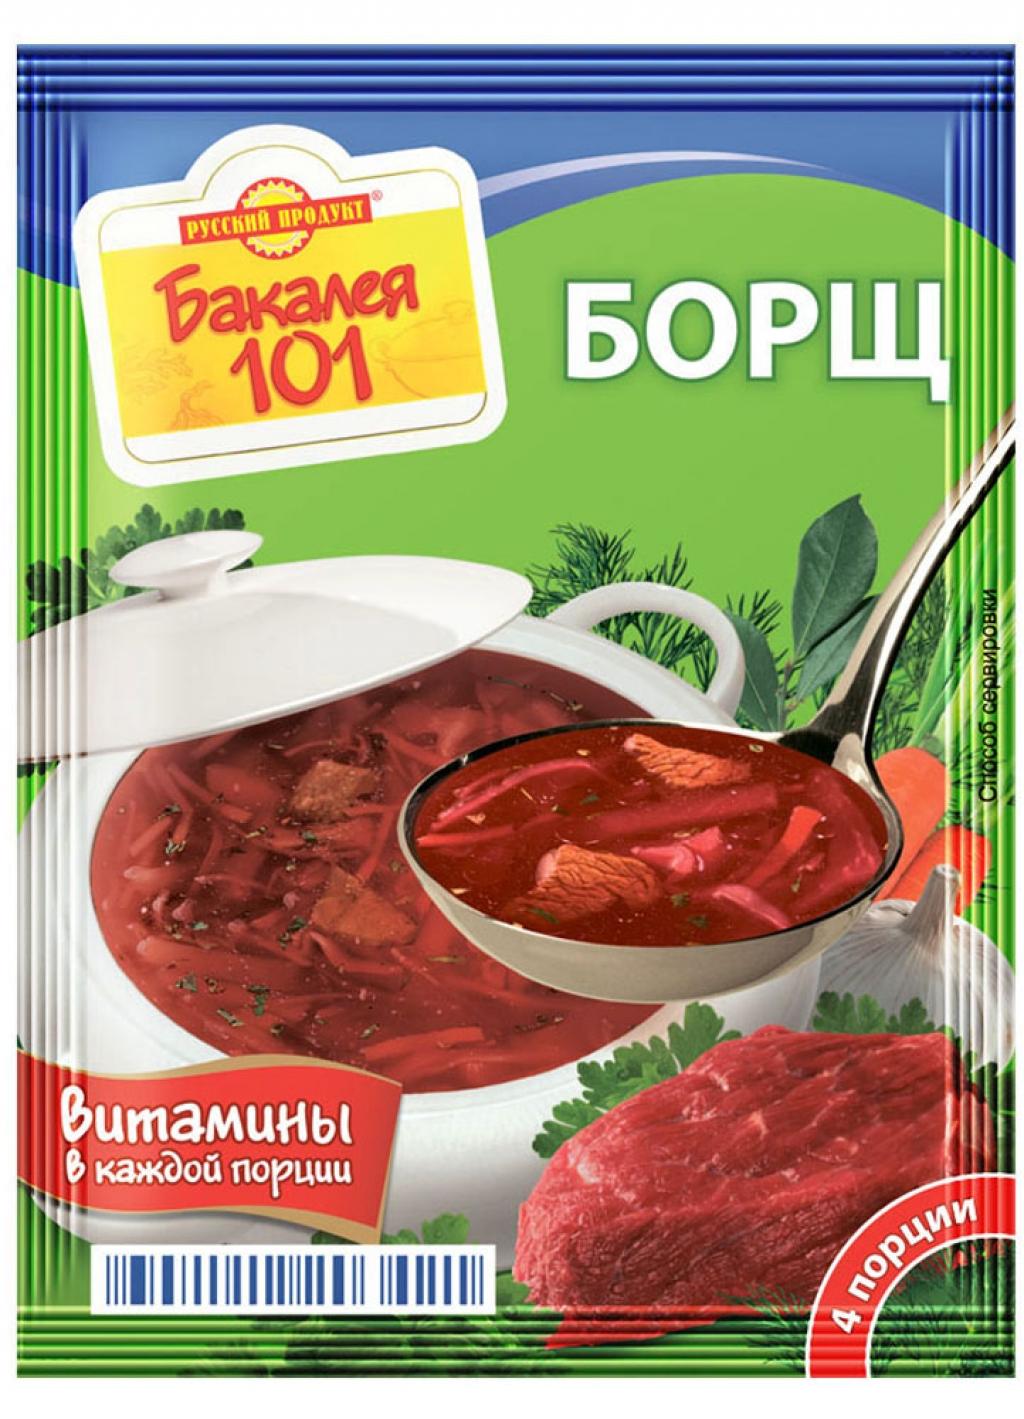 Русский продукт Борщ